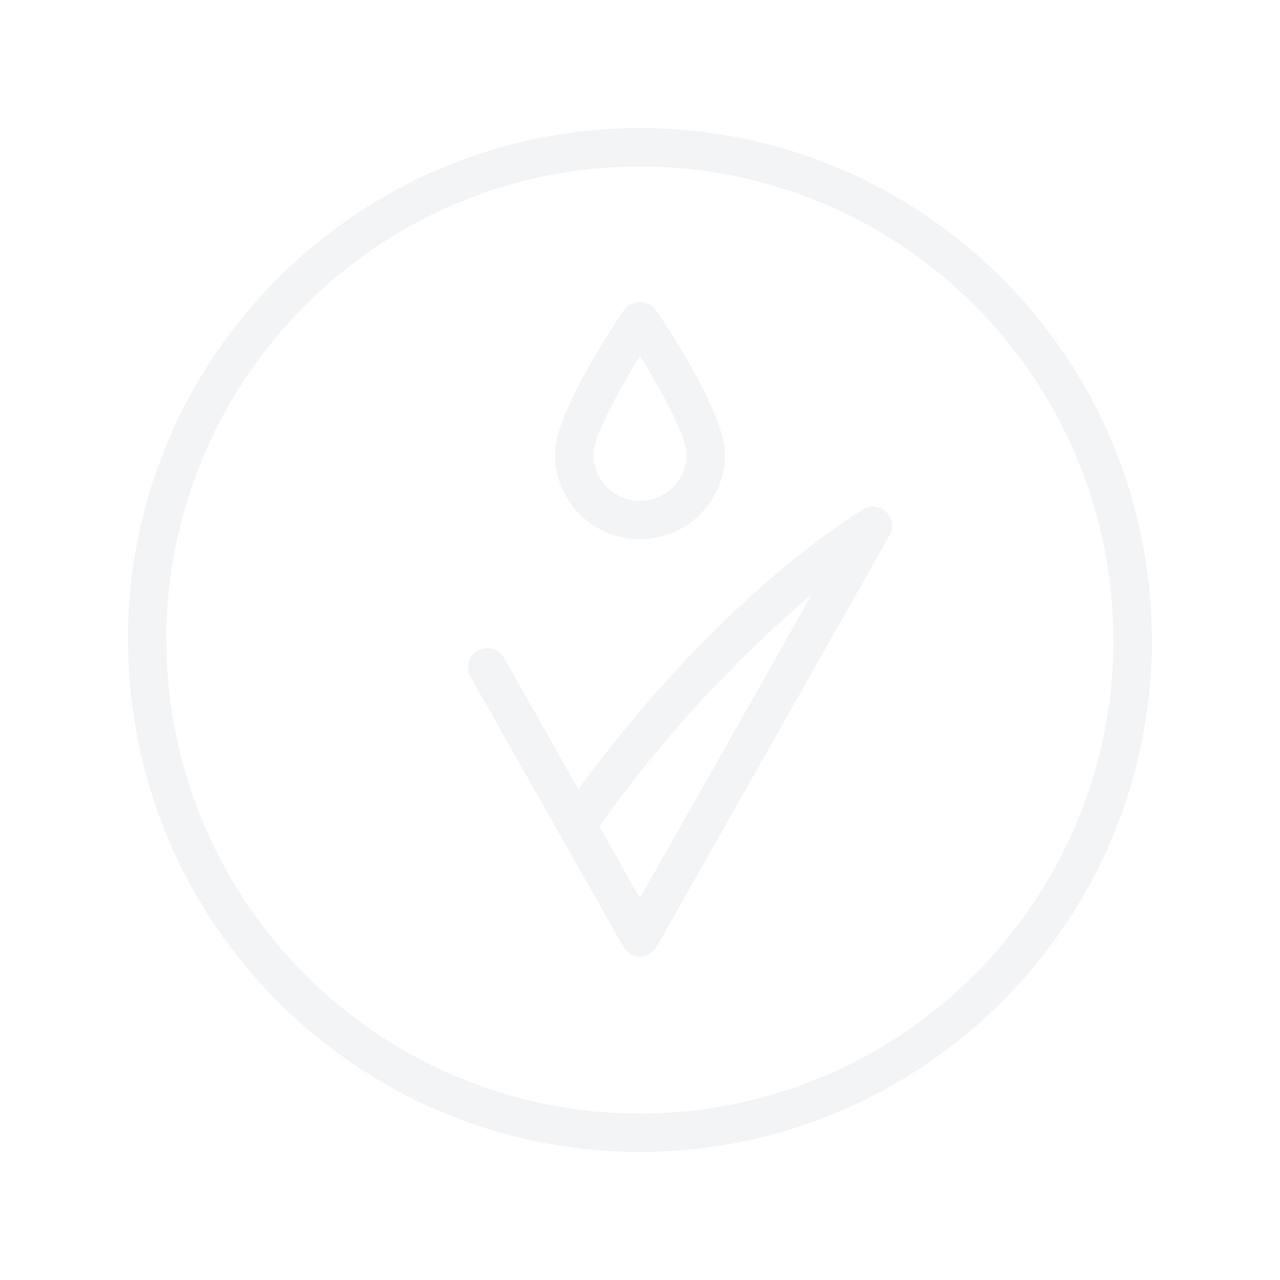 Yves Saint Laurent Opium 2009 Eau De Parfum